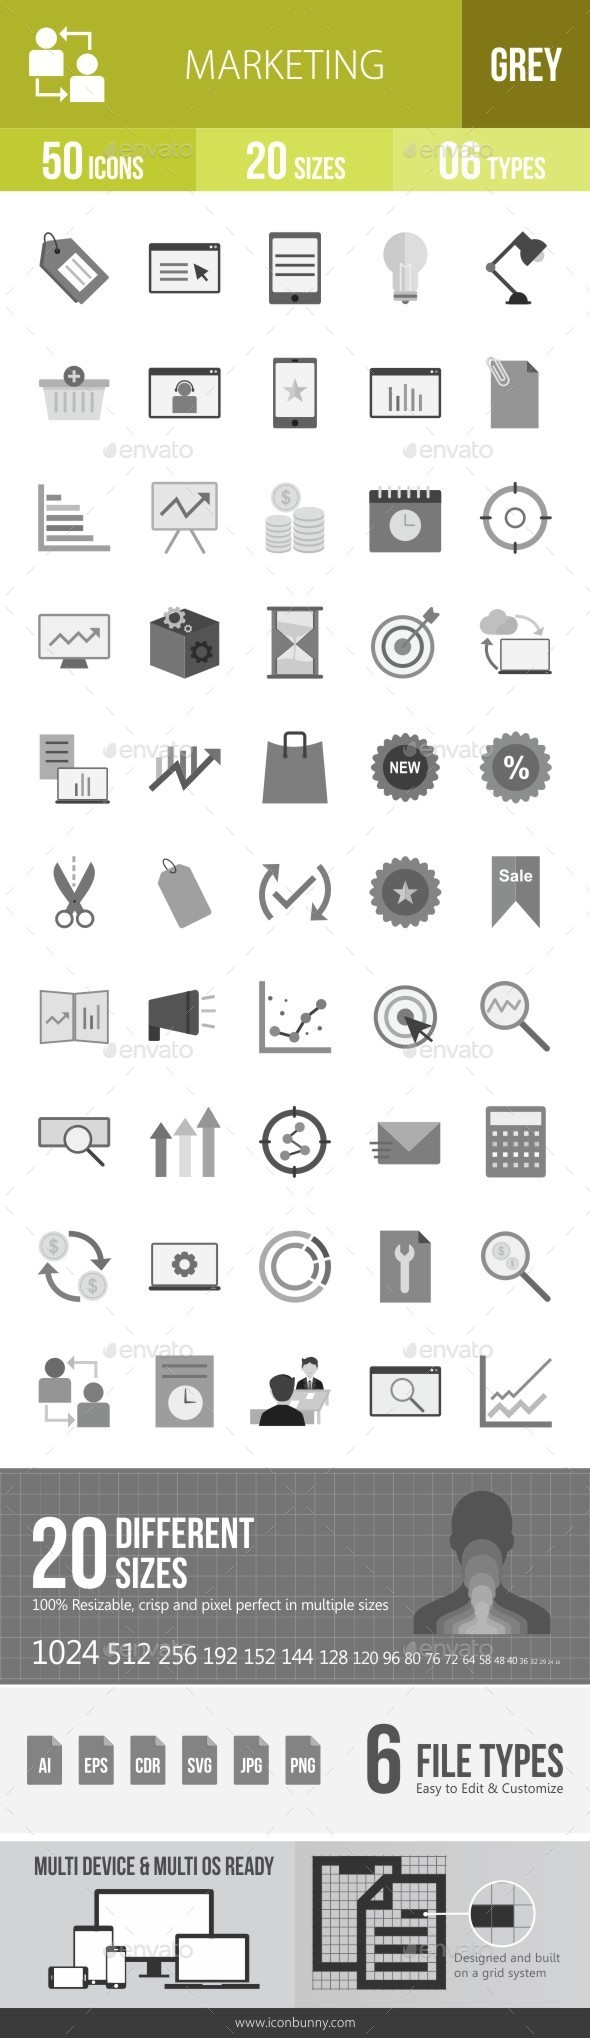 Marketing Greyscale Icons - Icons